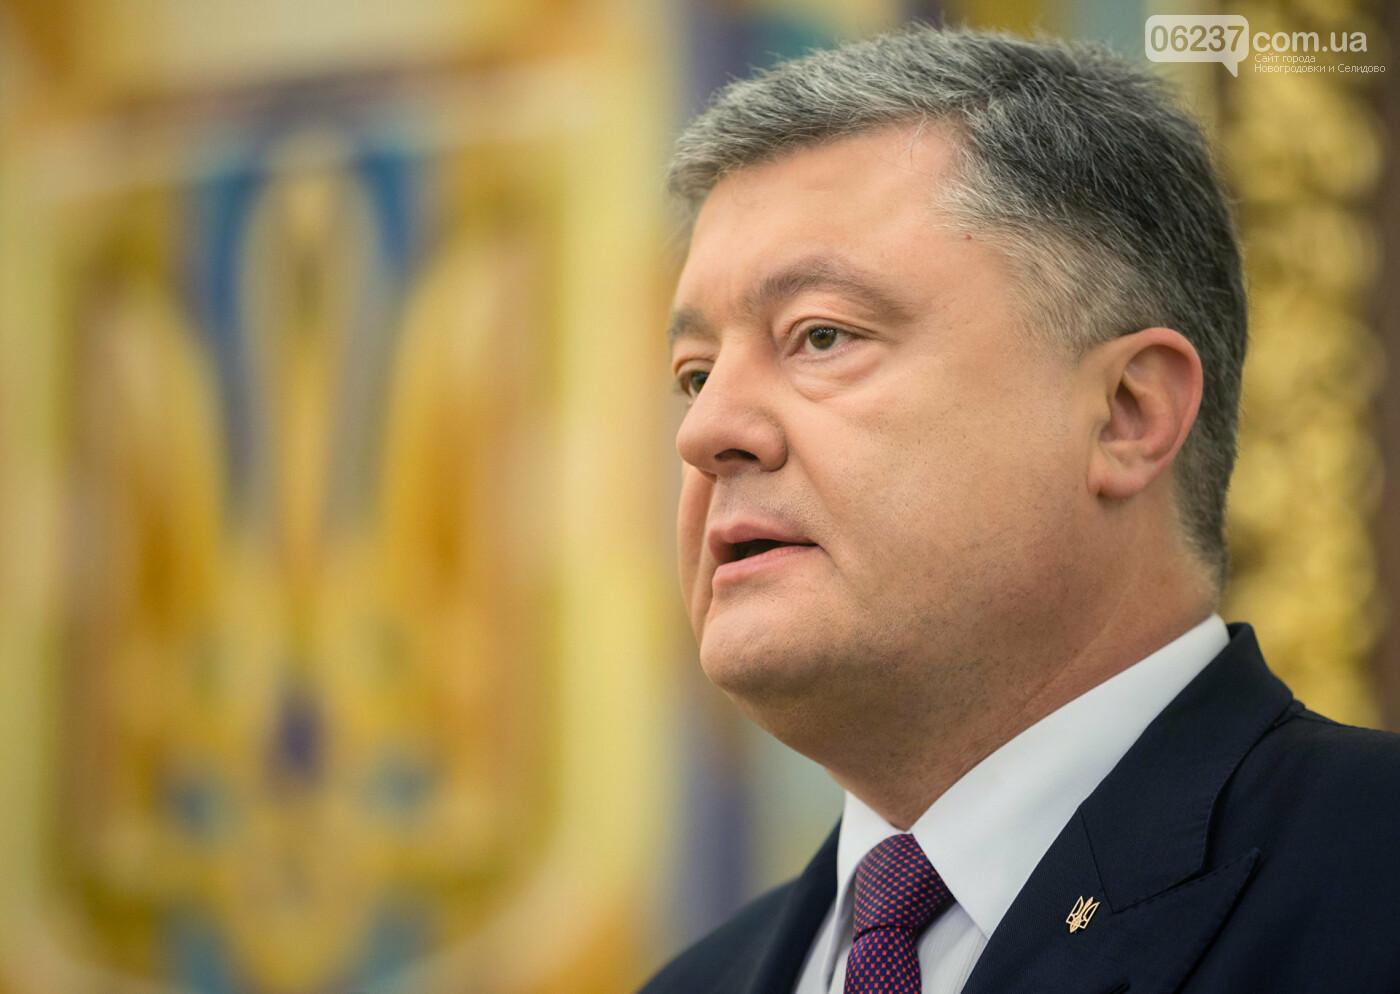 Порошенко назвал главные приоритеты украинской власти в 2019 году, фото-1